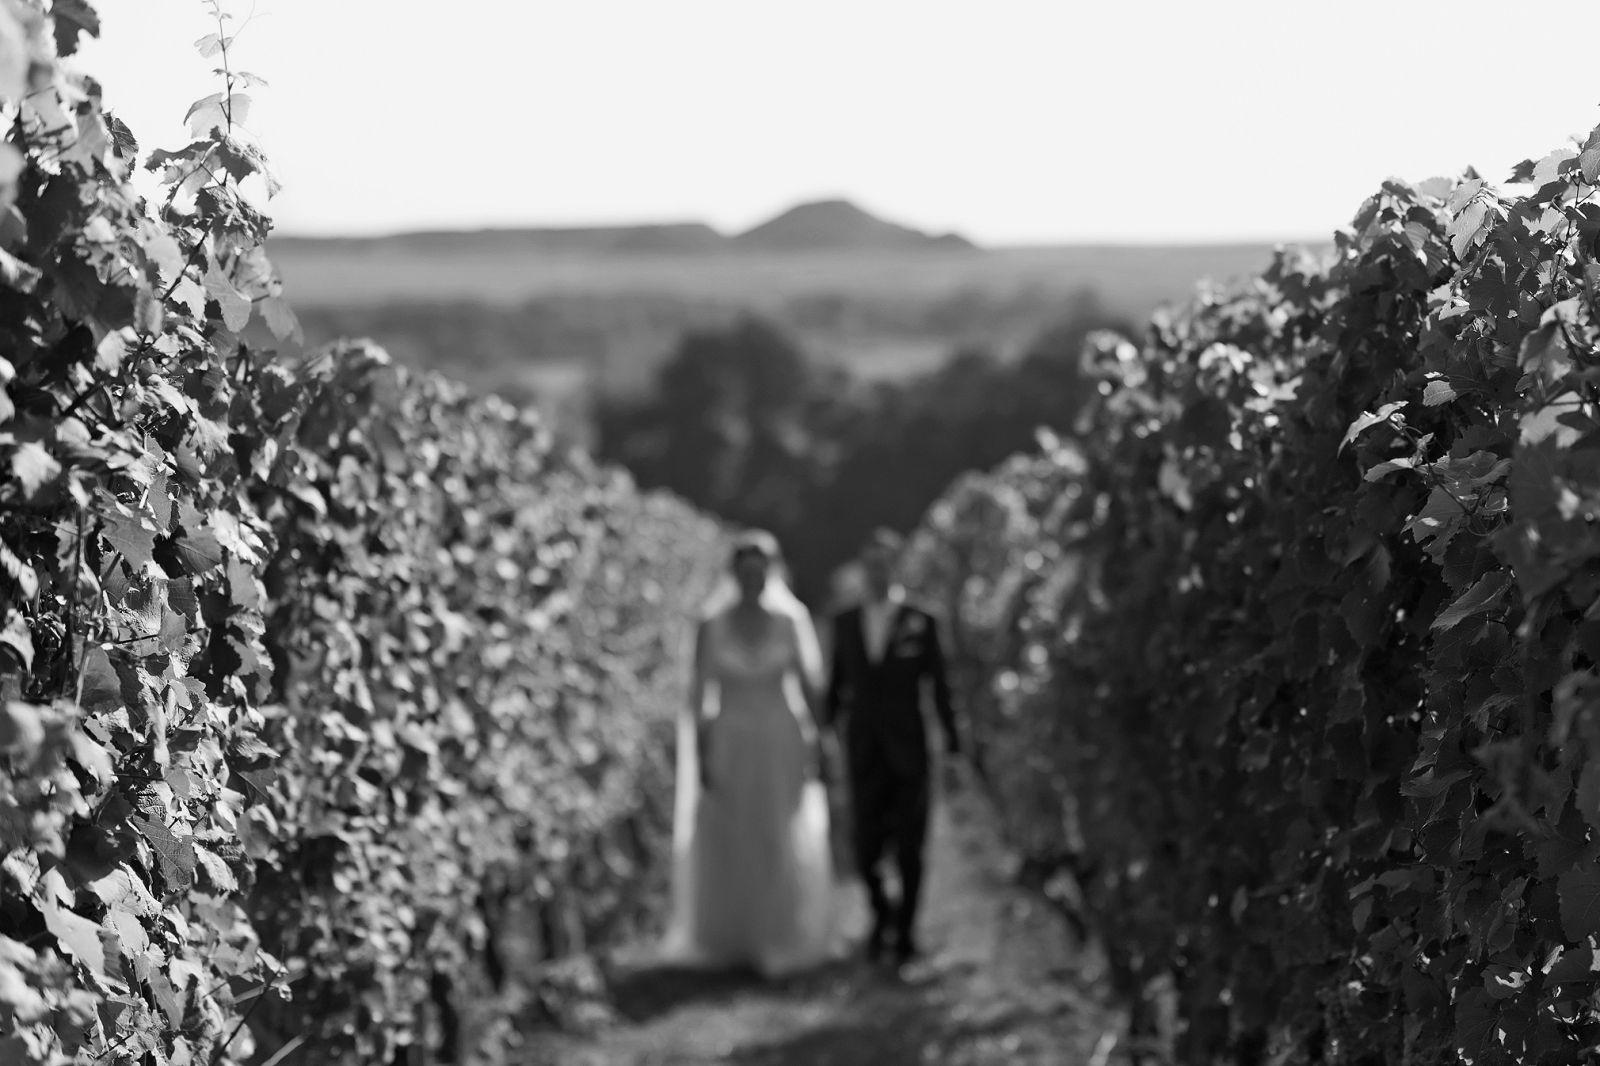 hochzeitsfotograf hochzeit bilder heiraten in frankfurt hochzeitslocation wicker weinberge weingut brautpaar